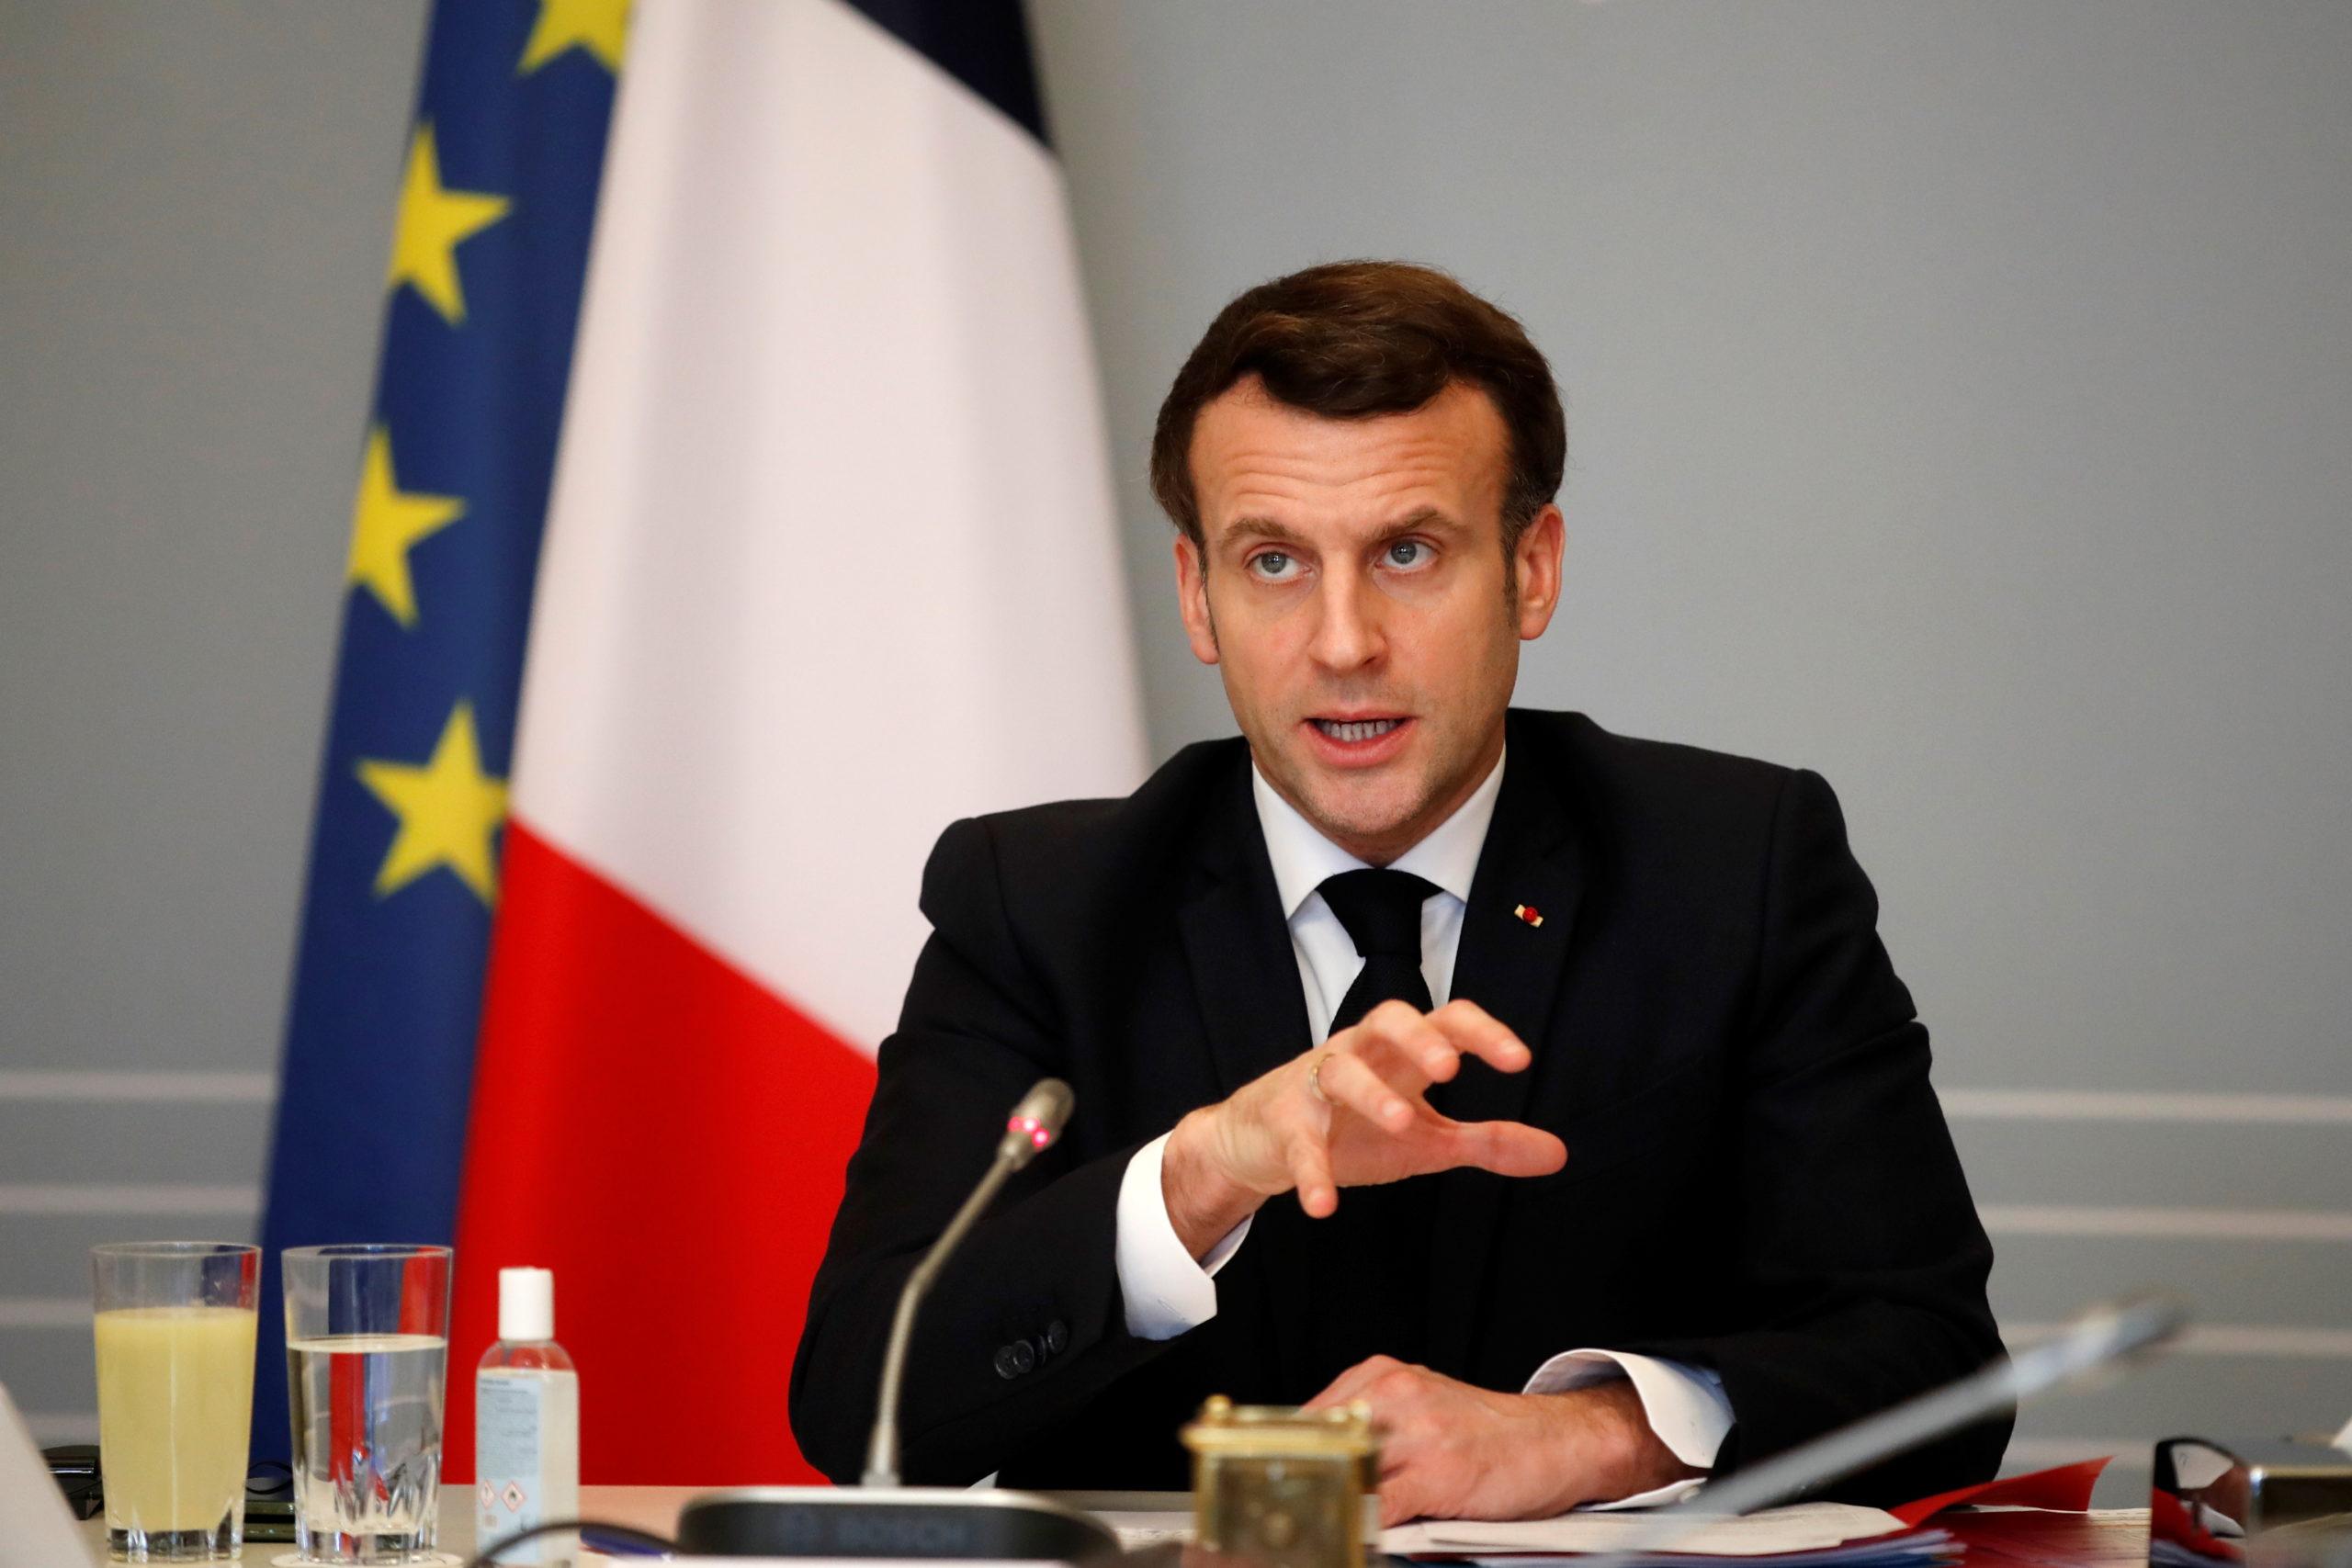 Défense: Paris et Berlin tentent de surmonter leur divergences sur le SCAF